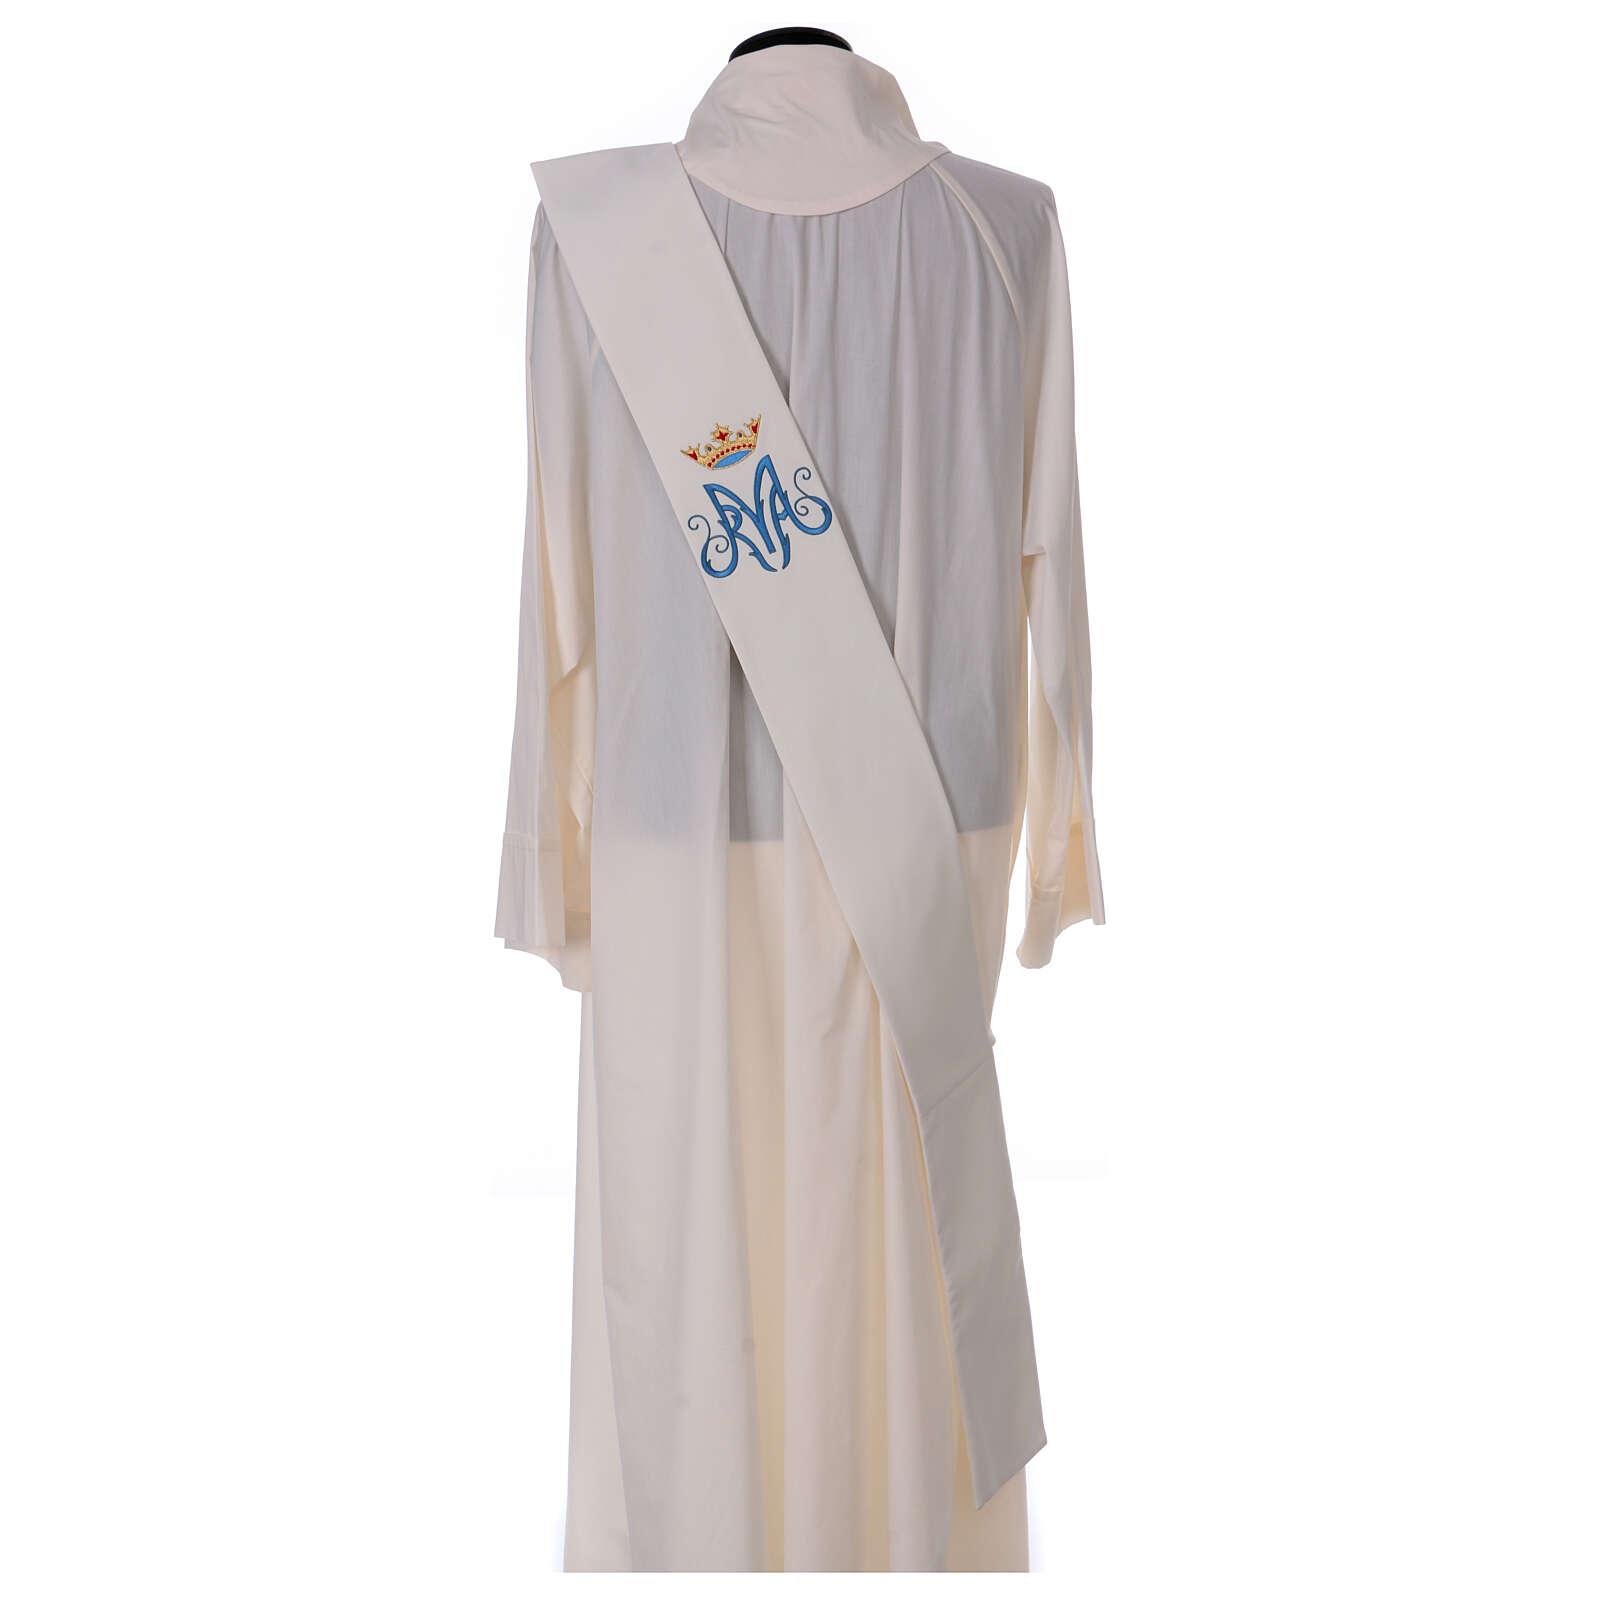 Estola diaconal cor de marfim símbolo mariano com coroa 80% poliéster 80% lã 4